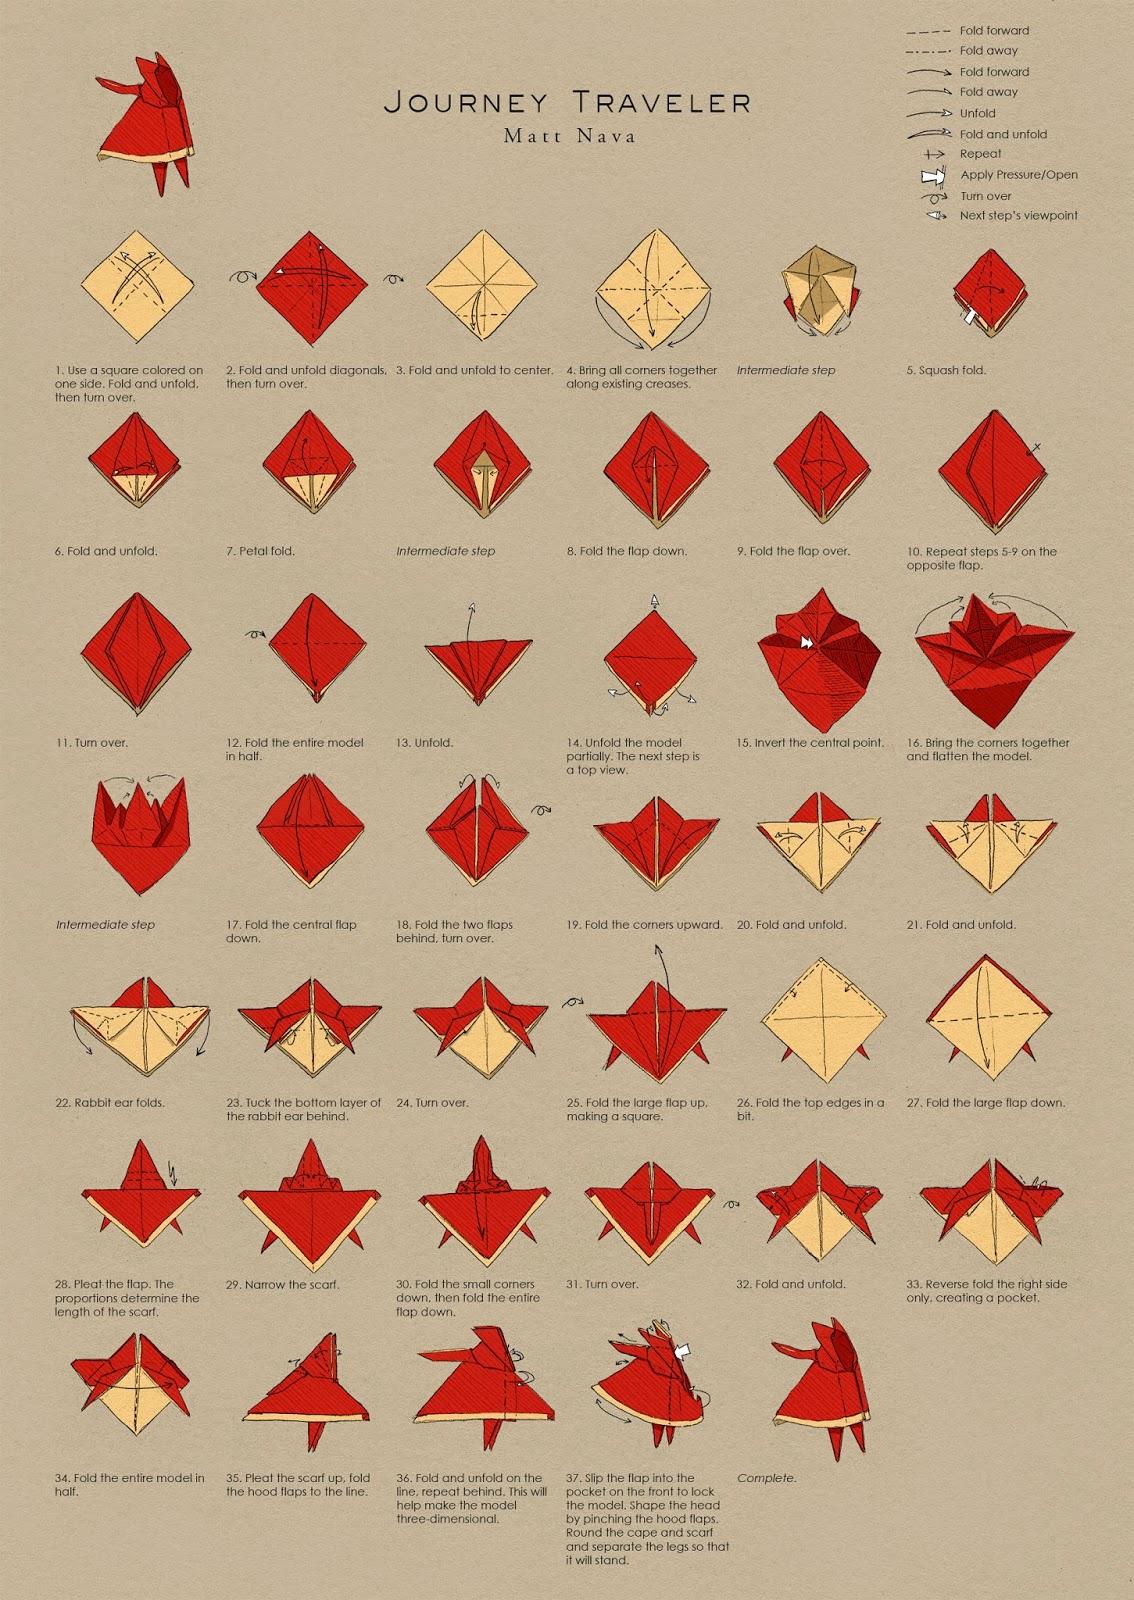 すべての折り紙 折り紙 くり : Journey Traveler Origami